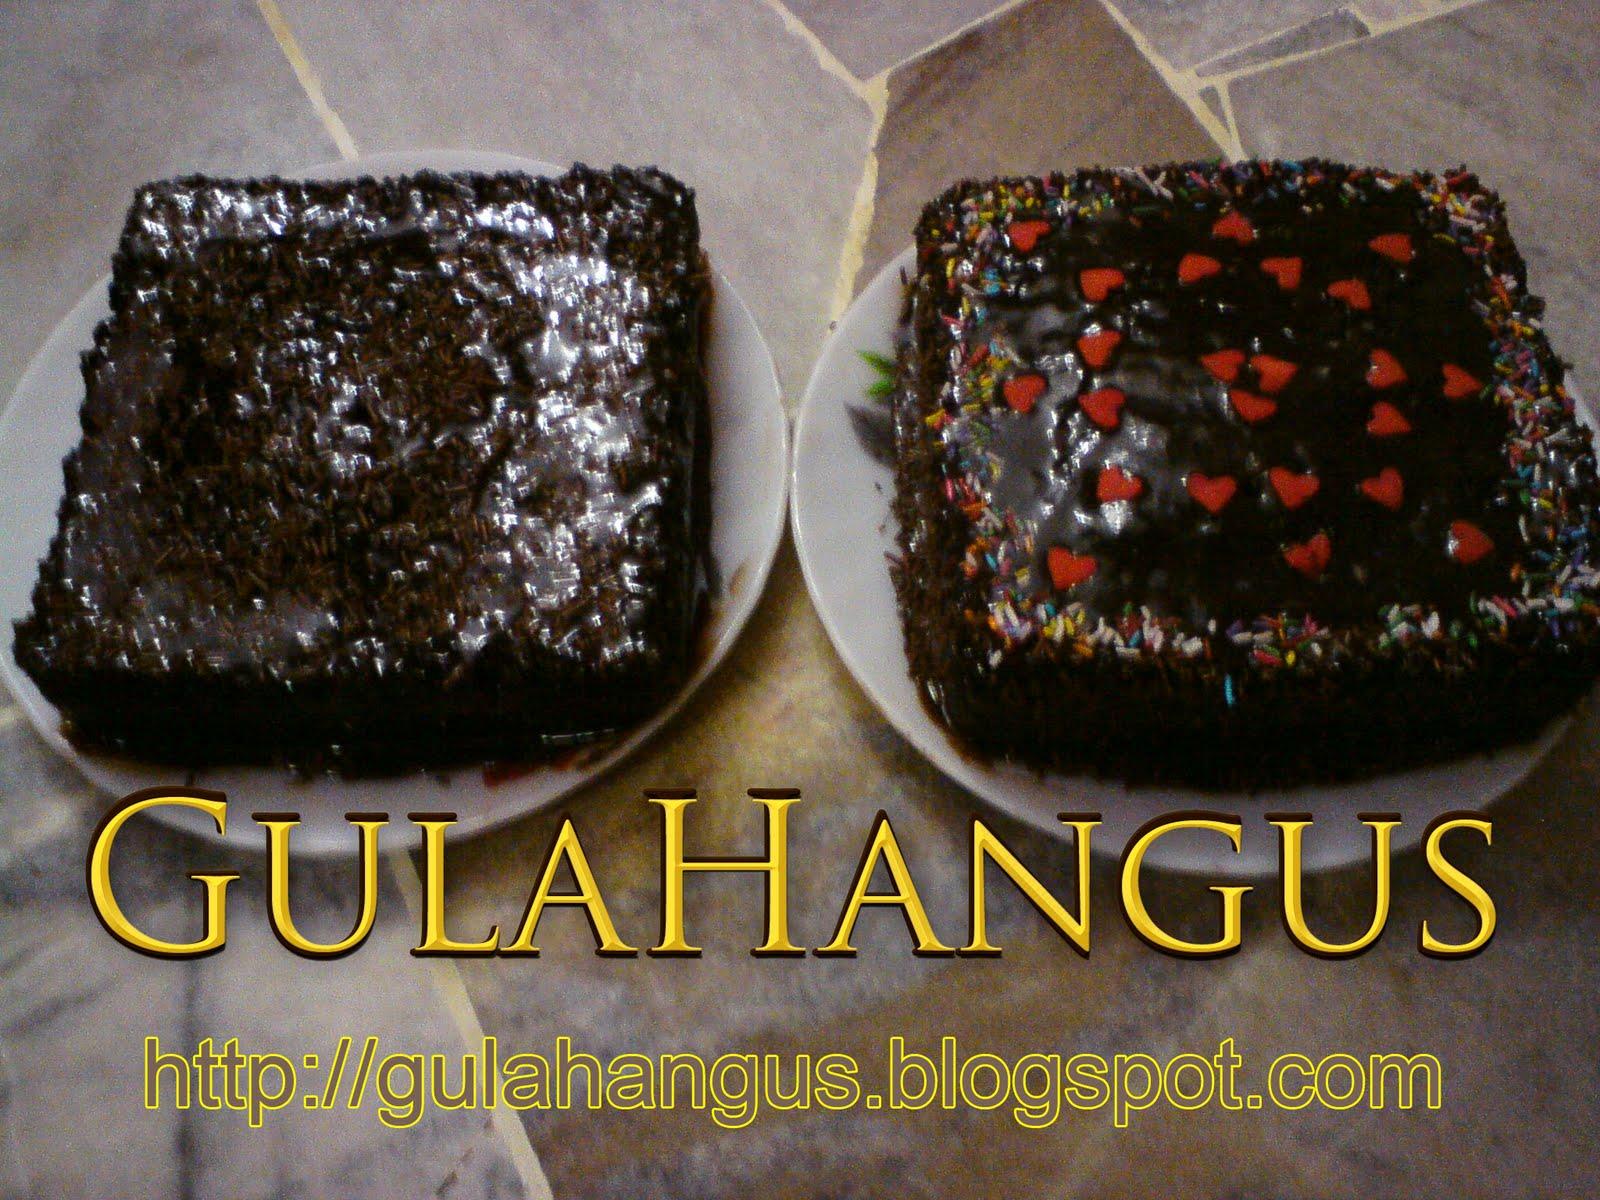 Semalam GH cuba try test buat Kek Gula Hangus bersalut coklat